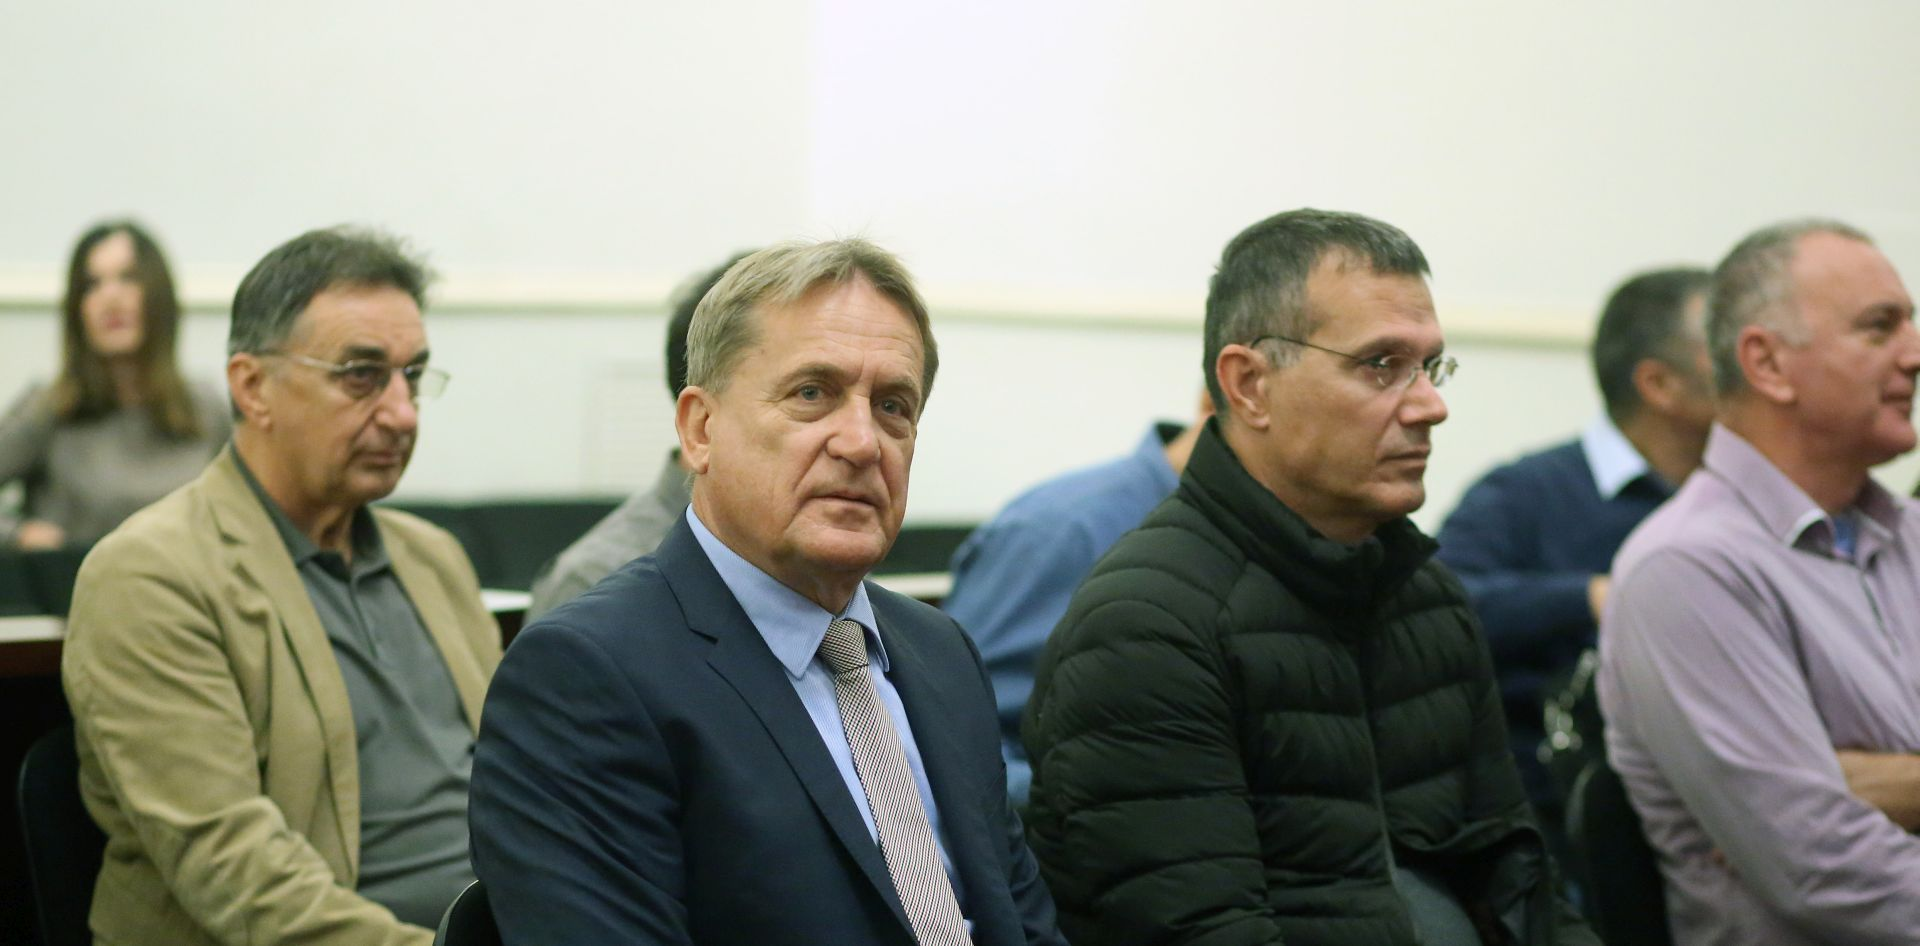 """SAPUNAR IZRAVNO OPTUŽUJE: """"Livaković rekao da izvučeni novac ide za Kalmetu i Zadar"""""""